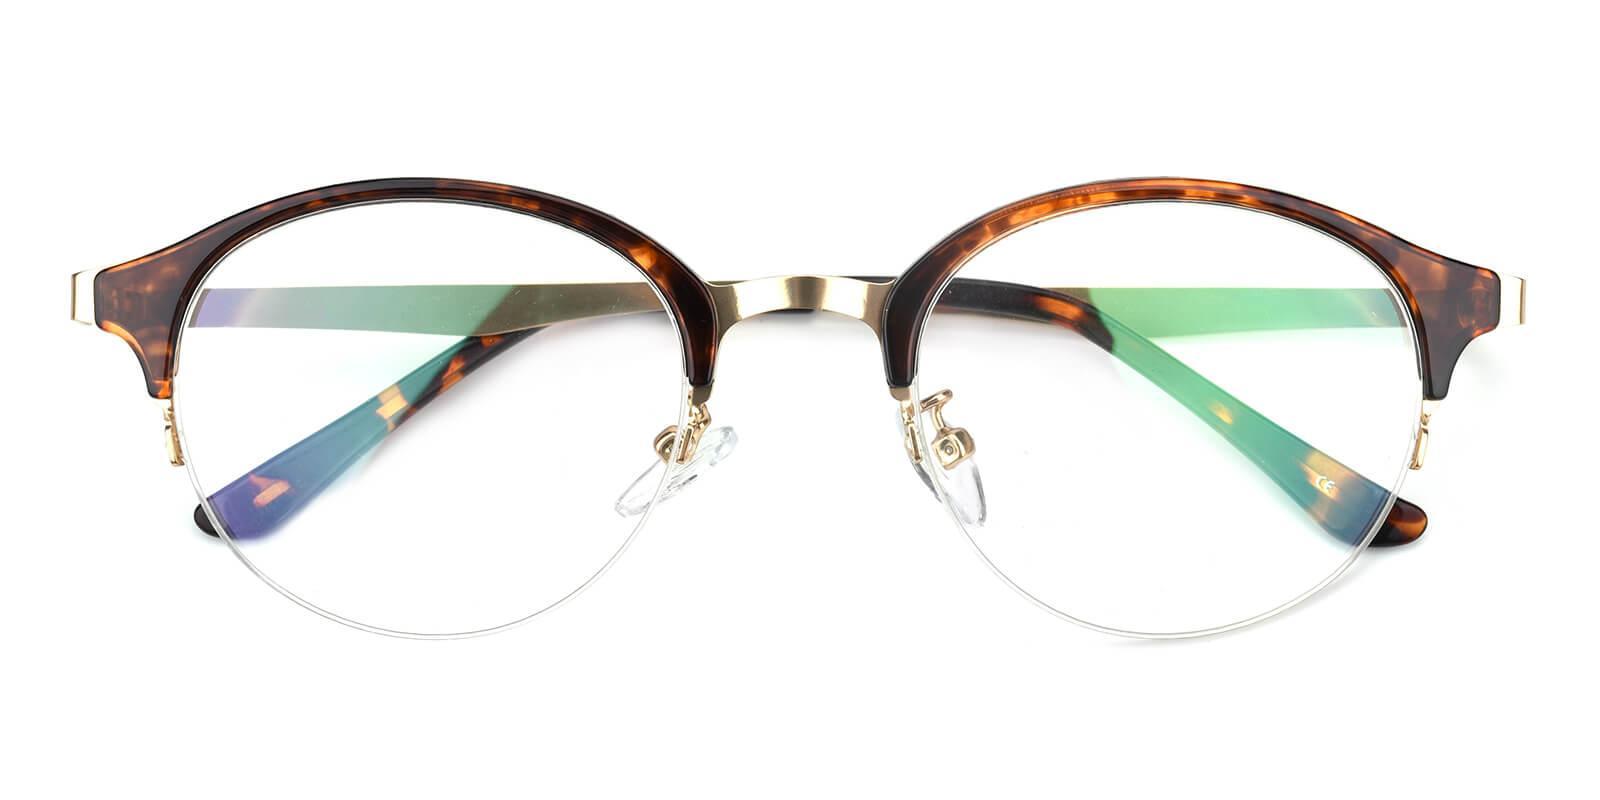 Akaaro-Tortoise-Oval-Metal-Eyeglasses-detail